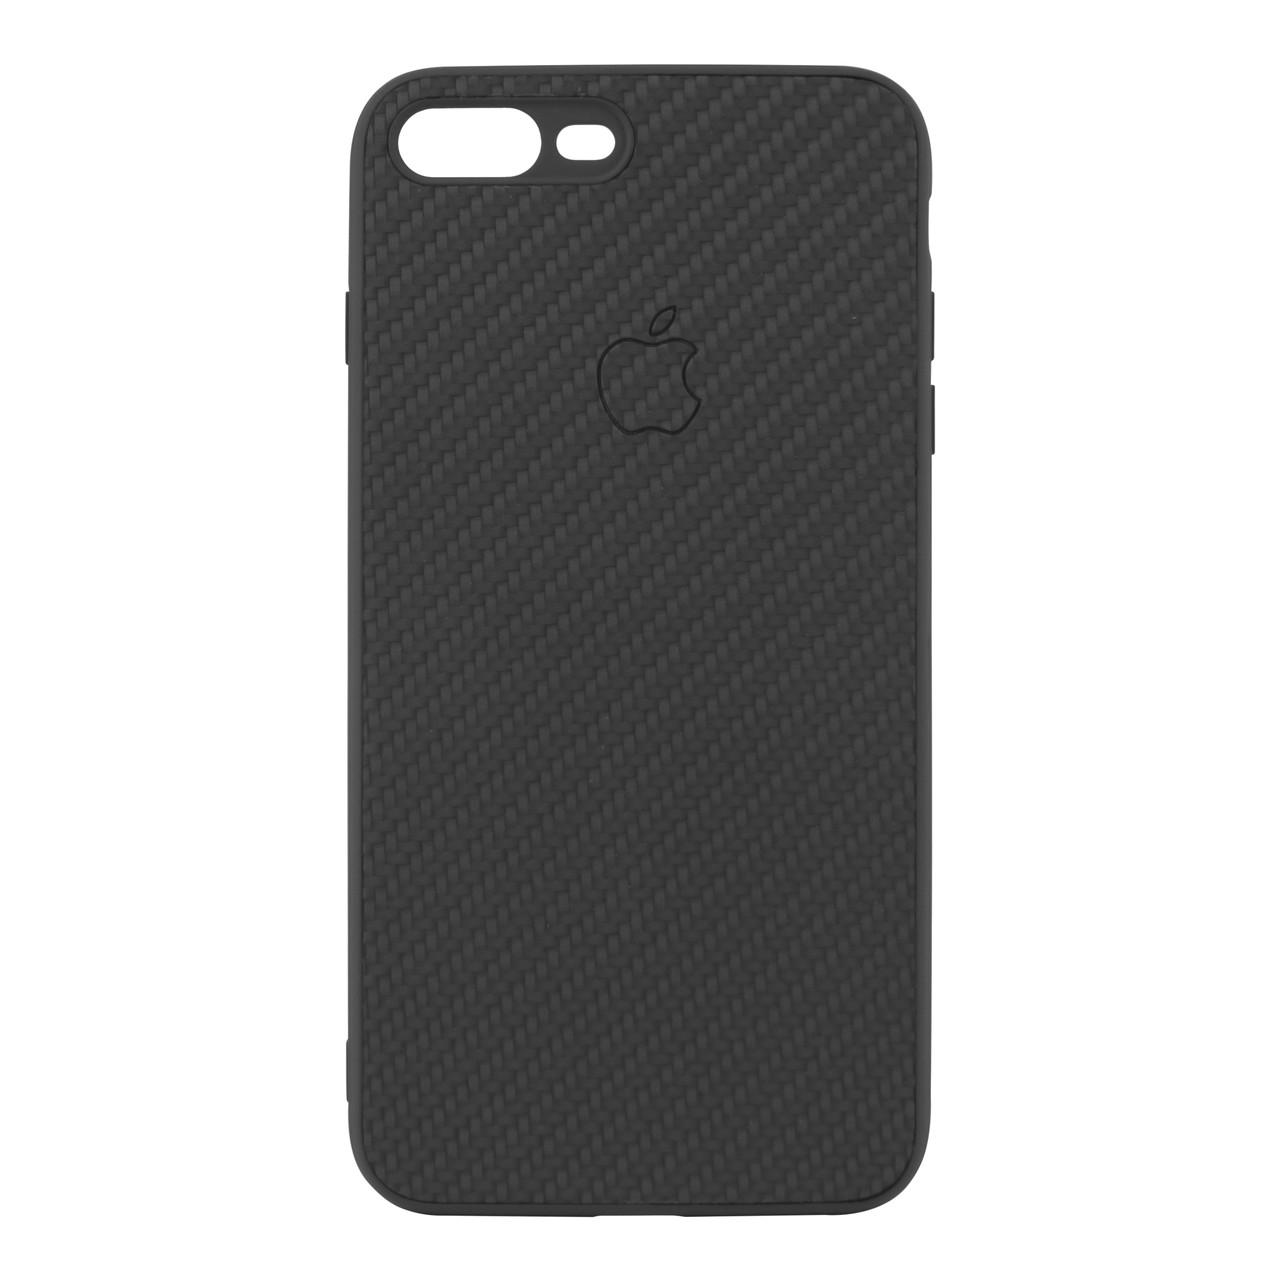 Чехол накладка Carbon для iPhone 8  Plus Black